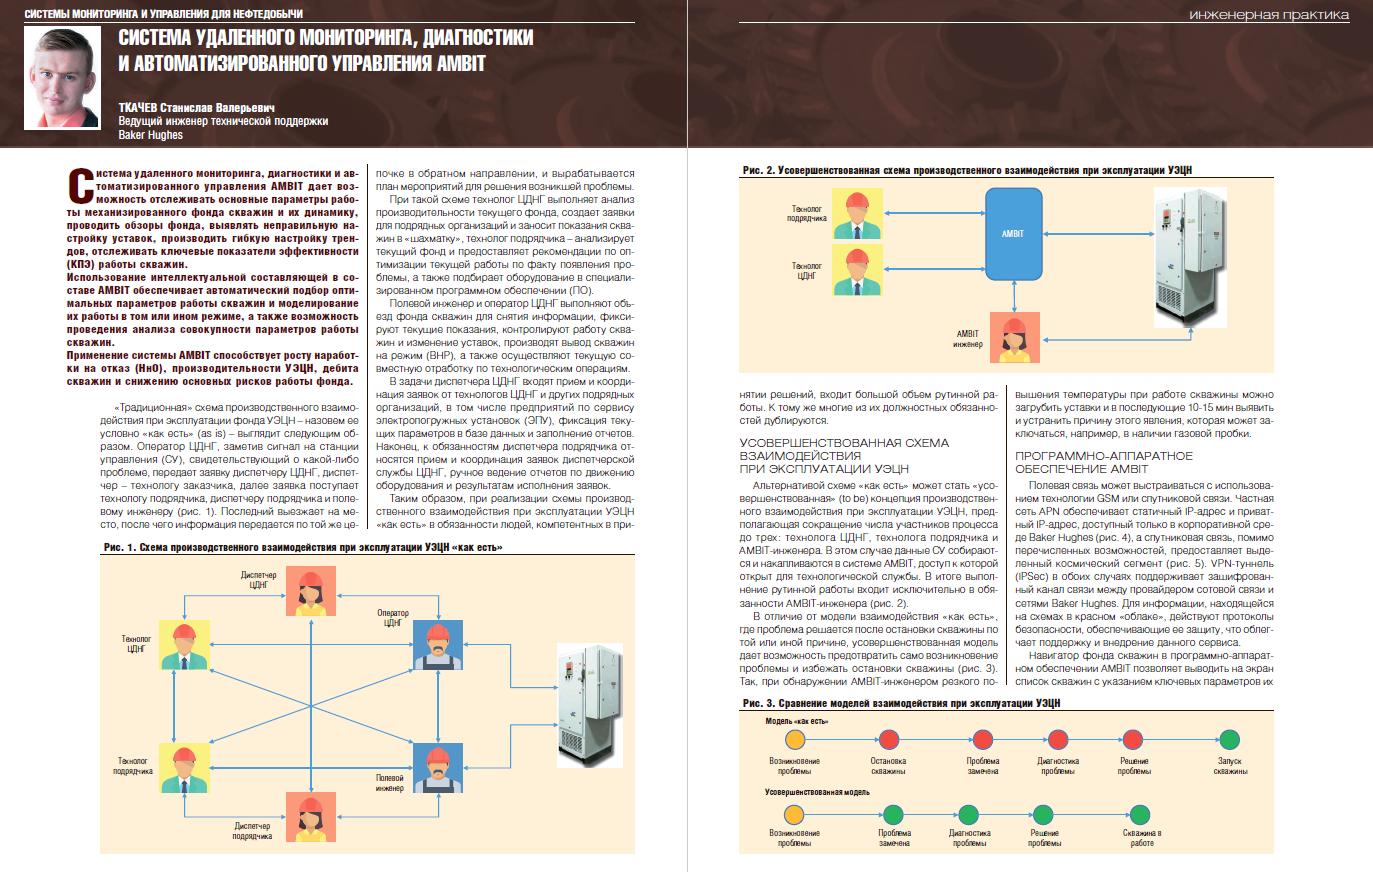 23105 Система удаленного мониторинга, диагностики и автоматизированного управления AMBIT